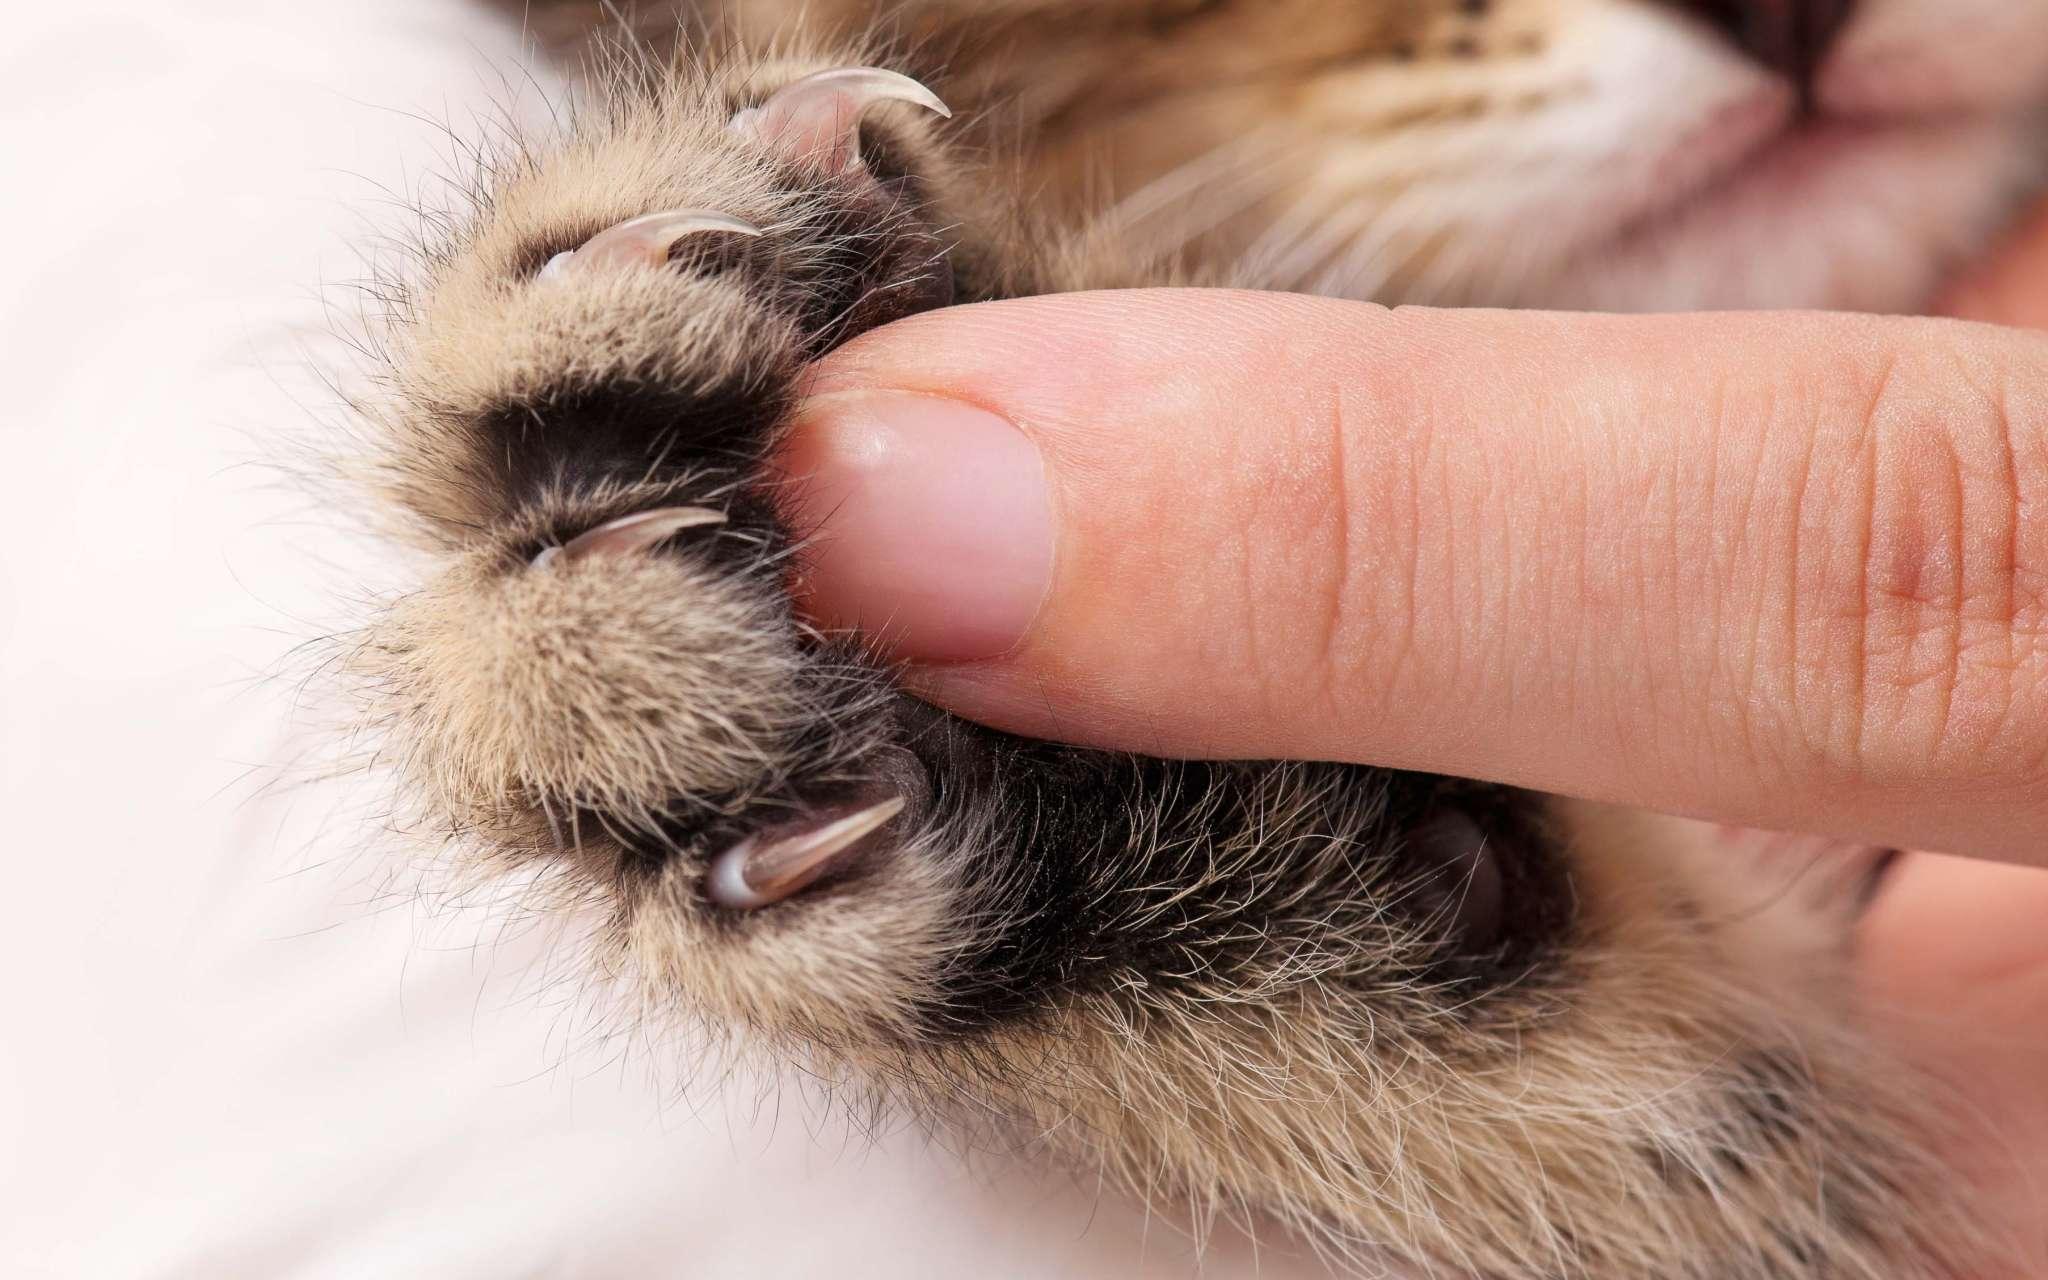 Faut il couper les griffes de son chat bulle bleue - Faut il couper les ongles des chiens ...